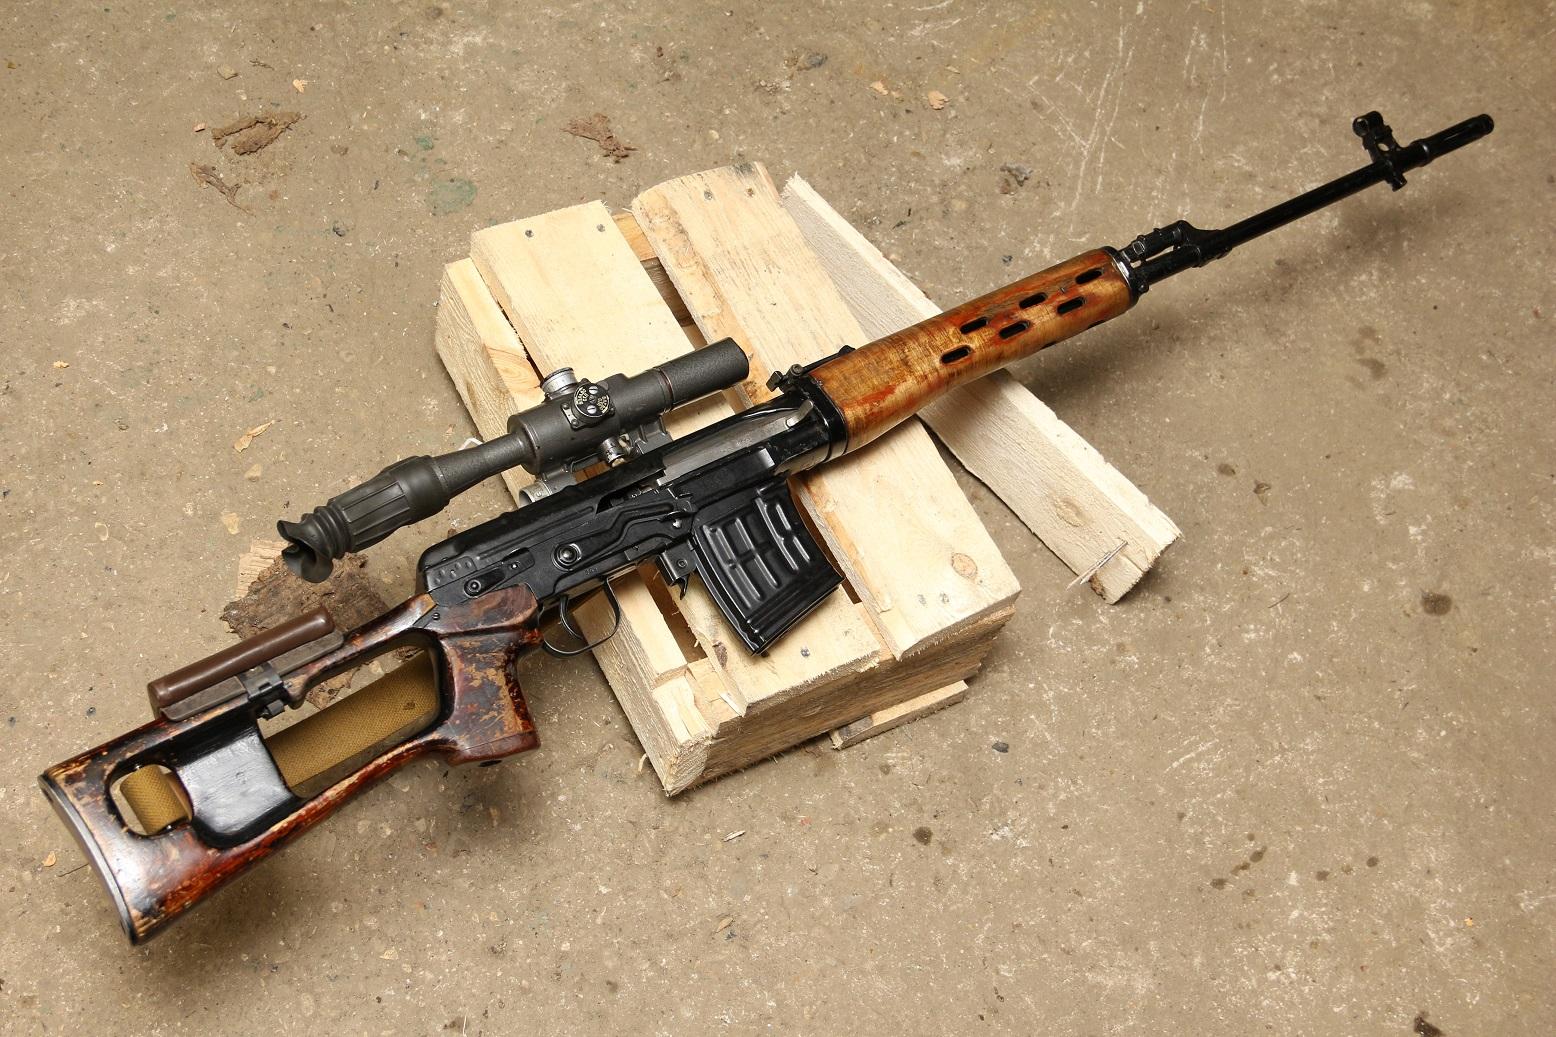 Советская снайперская винтовка Драгунова СВД 1972 года, №Н-755, с «зарубками», в коллекцию